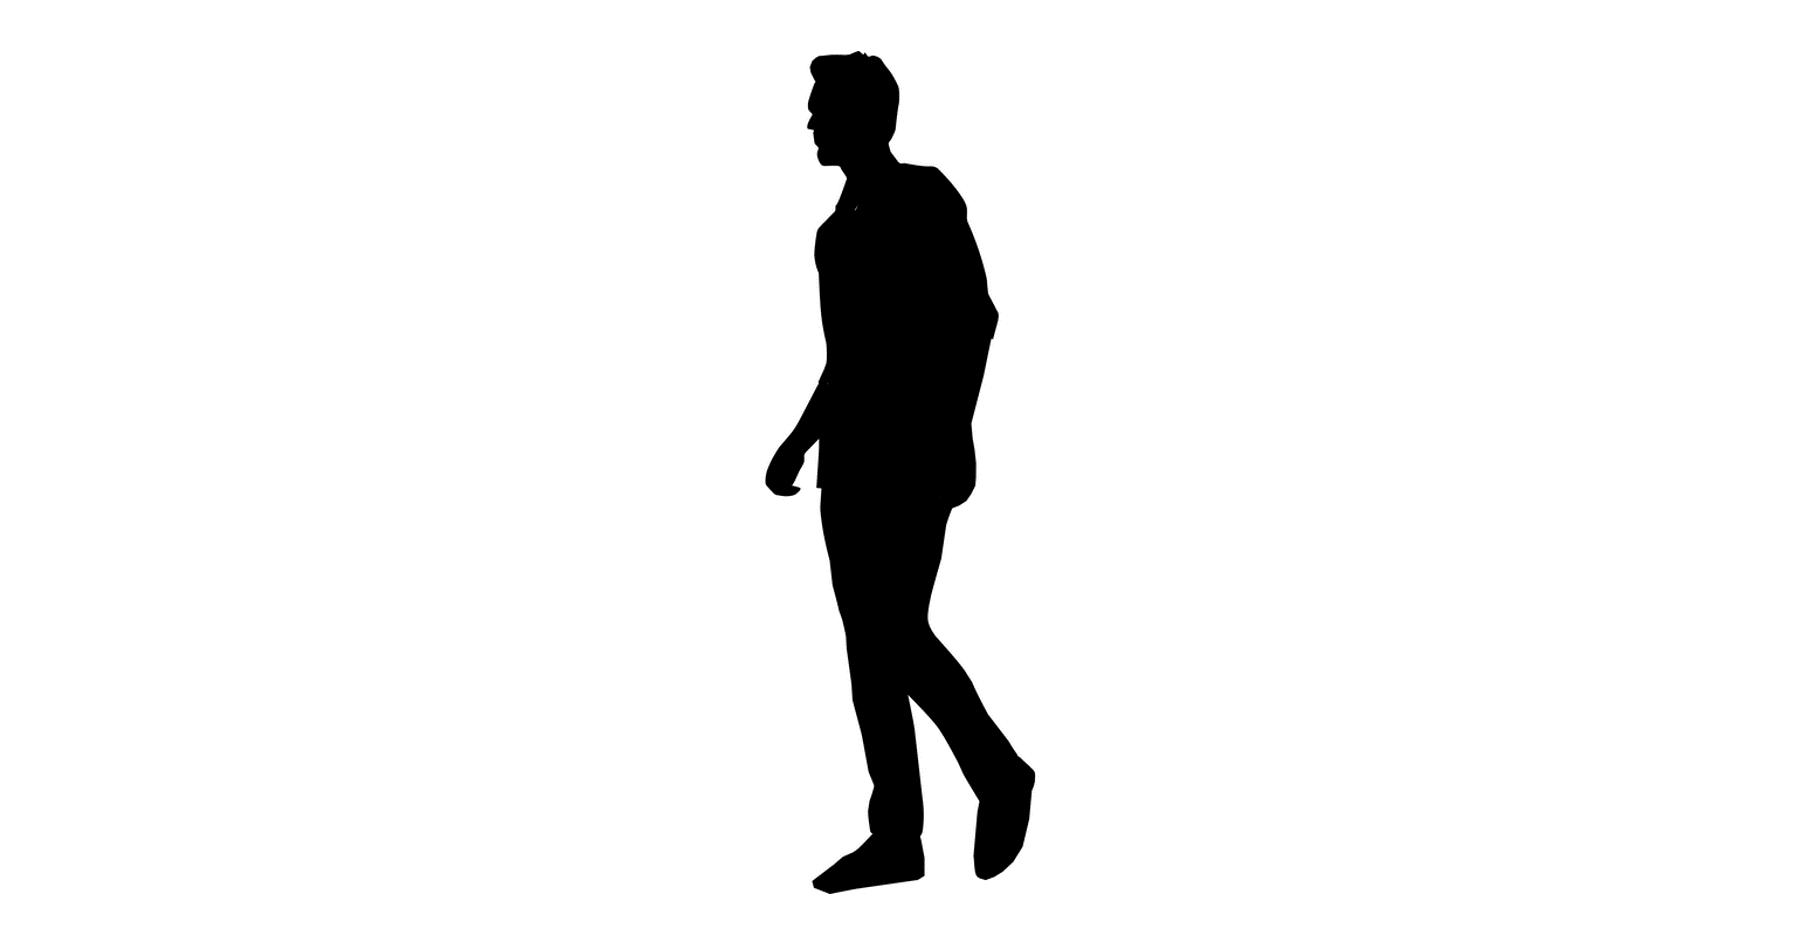 【2020 春高バレー】出場選手 高身長ランキング!金の卵に注目!